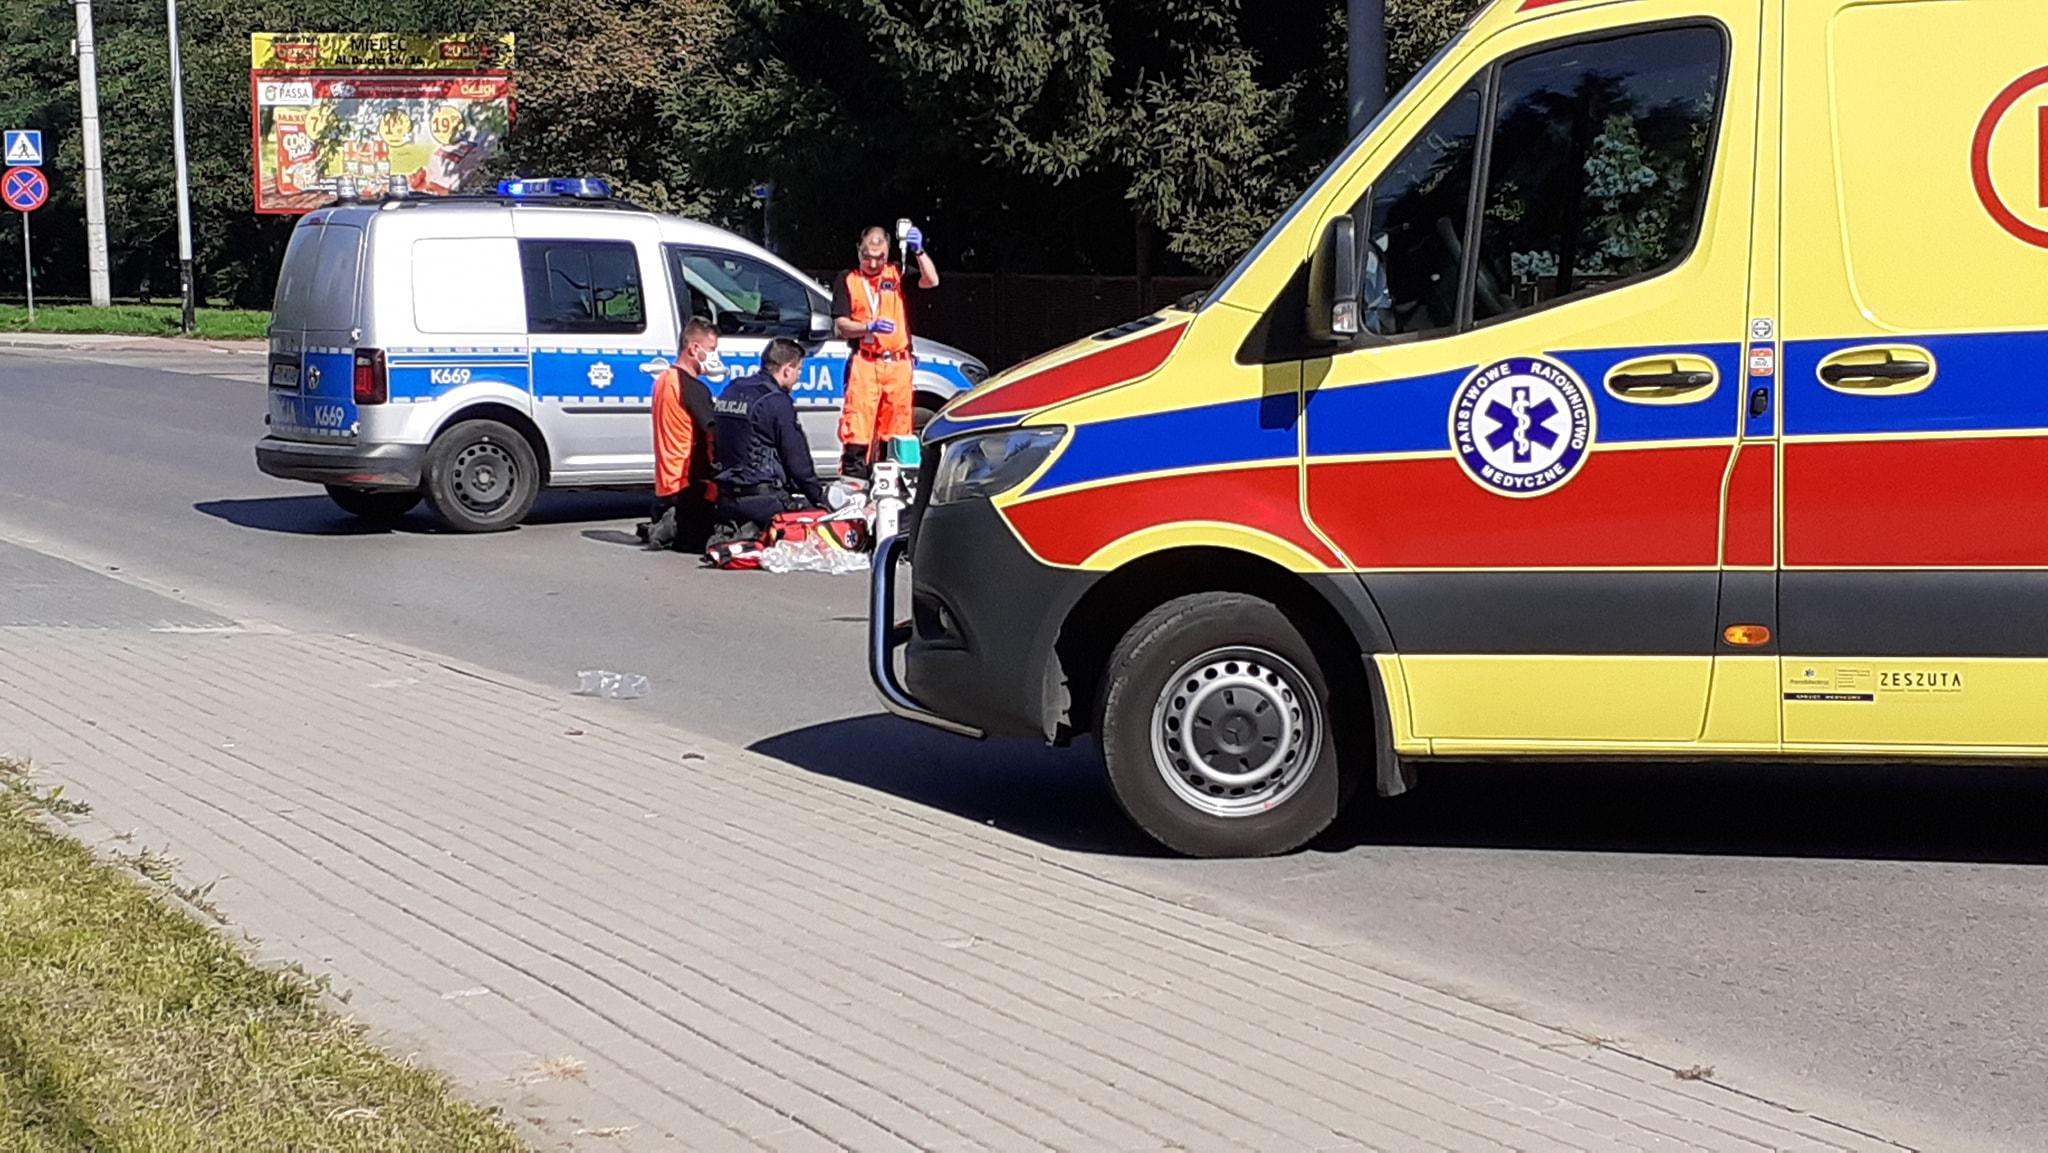 Walczyli o życie rowerzysty. Mężczyzna upadł w trakcie jazdy  - Zdjęcie główne